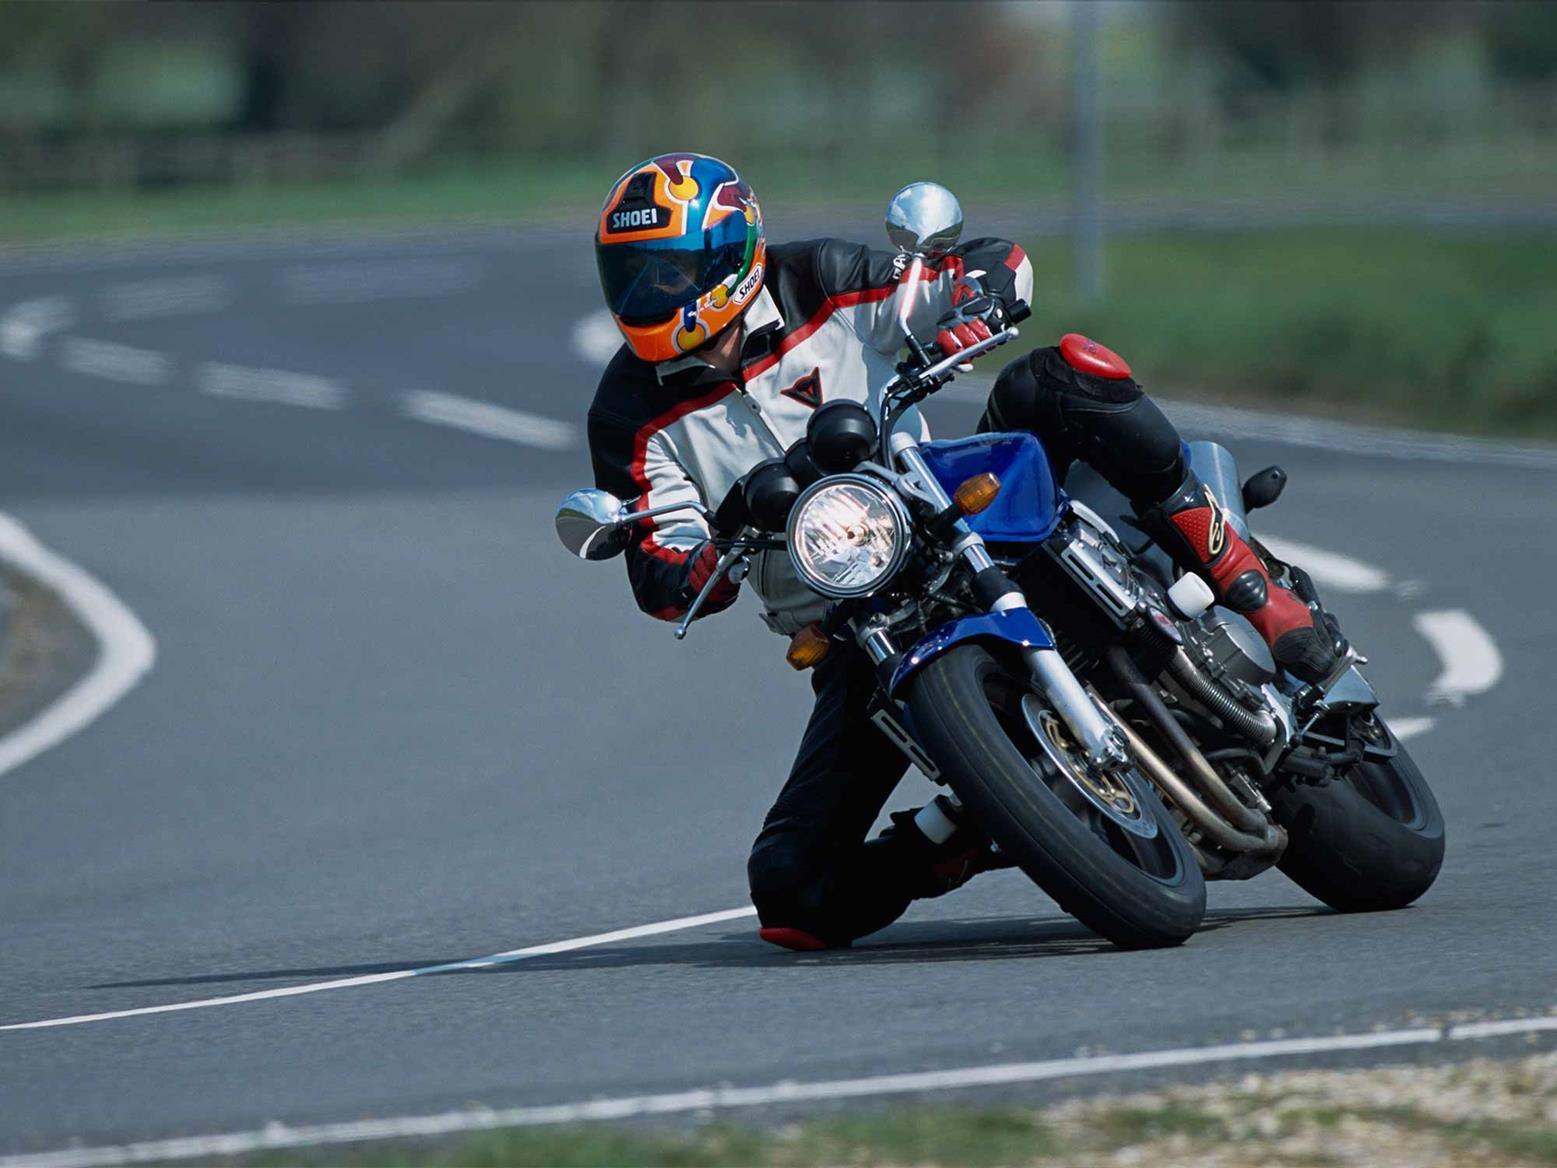 Cornering on the Honda CB900F Hornet